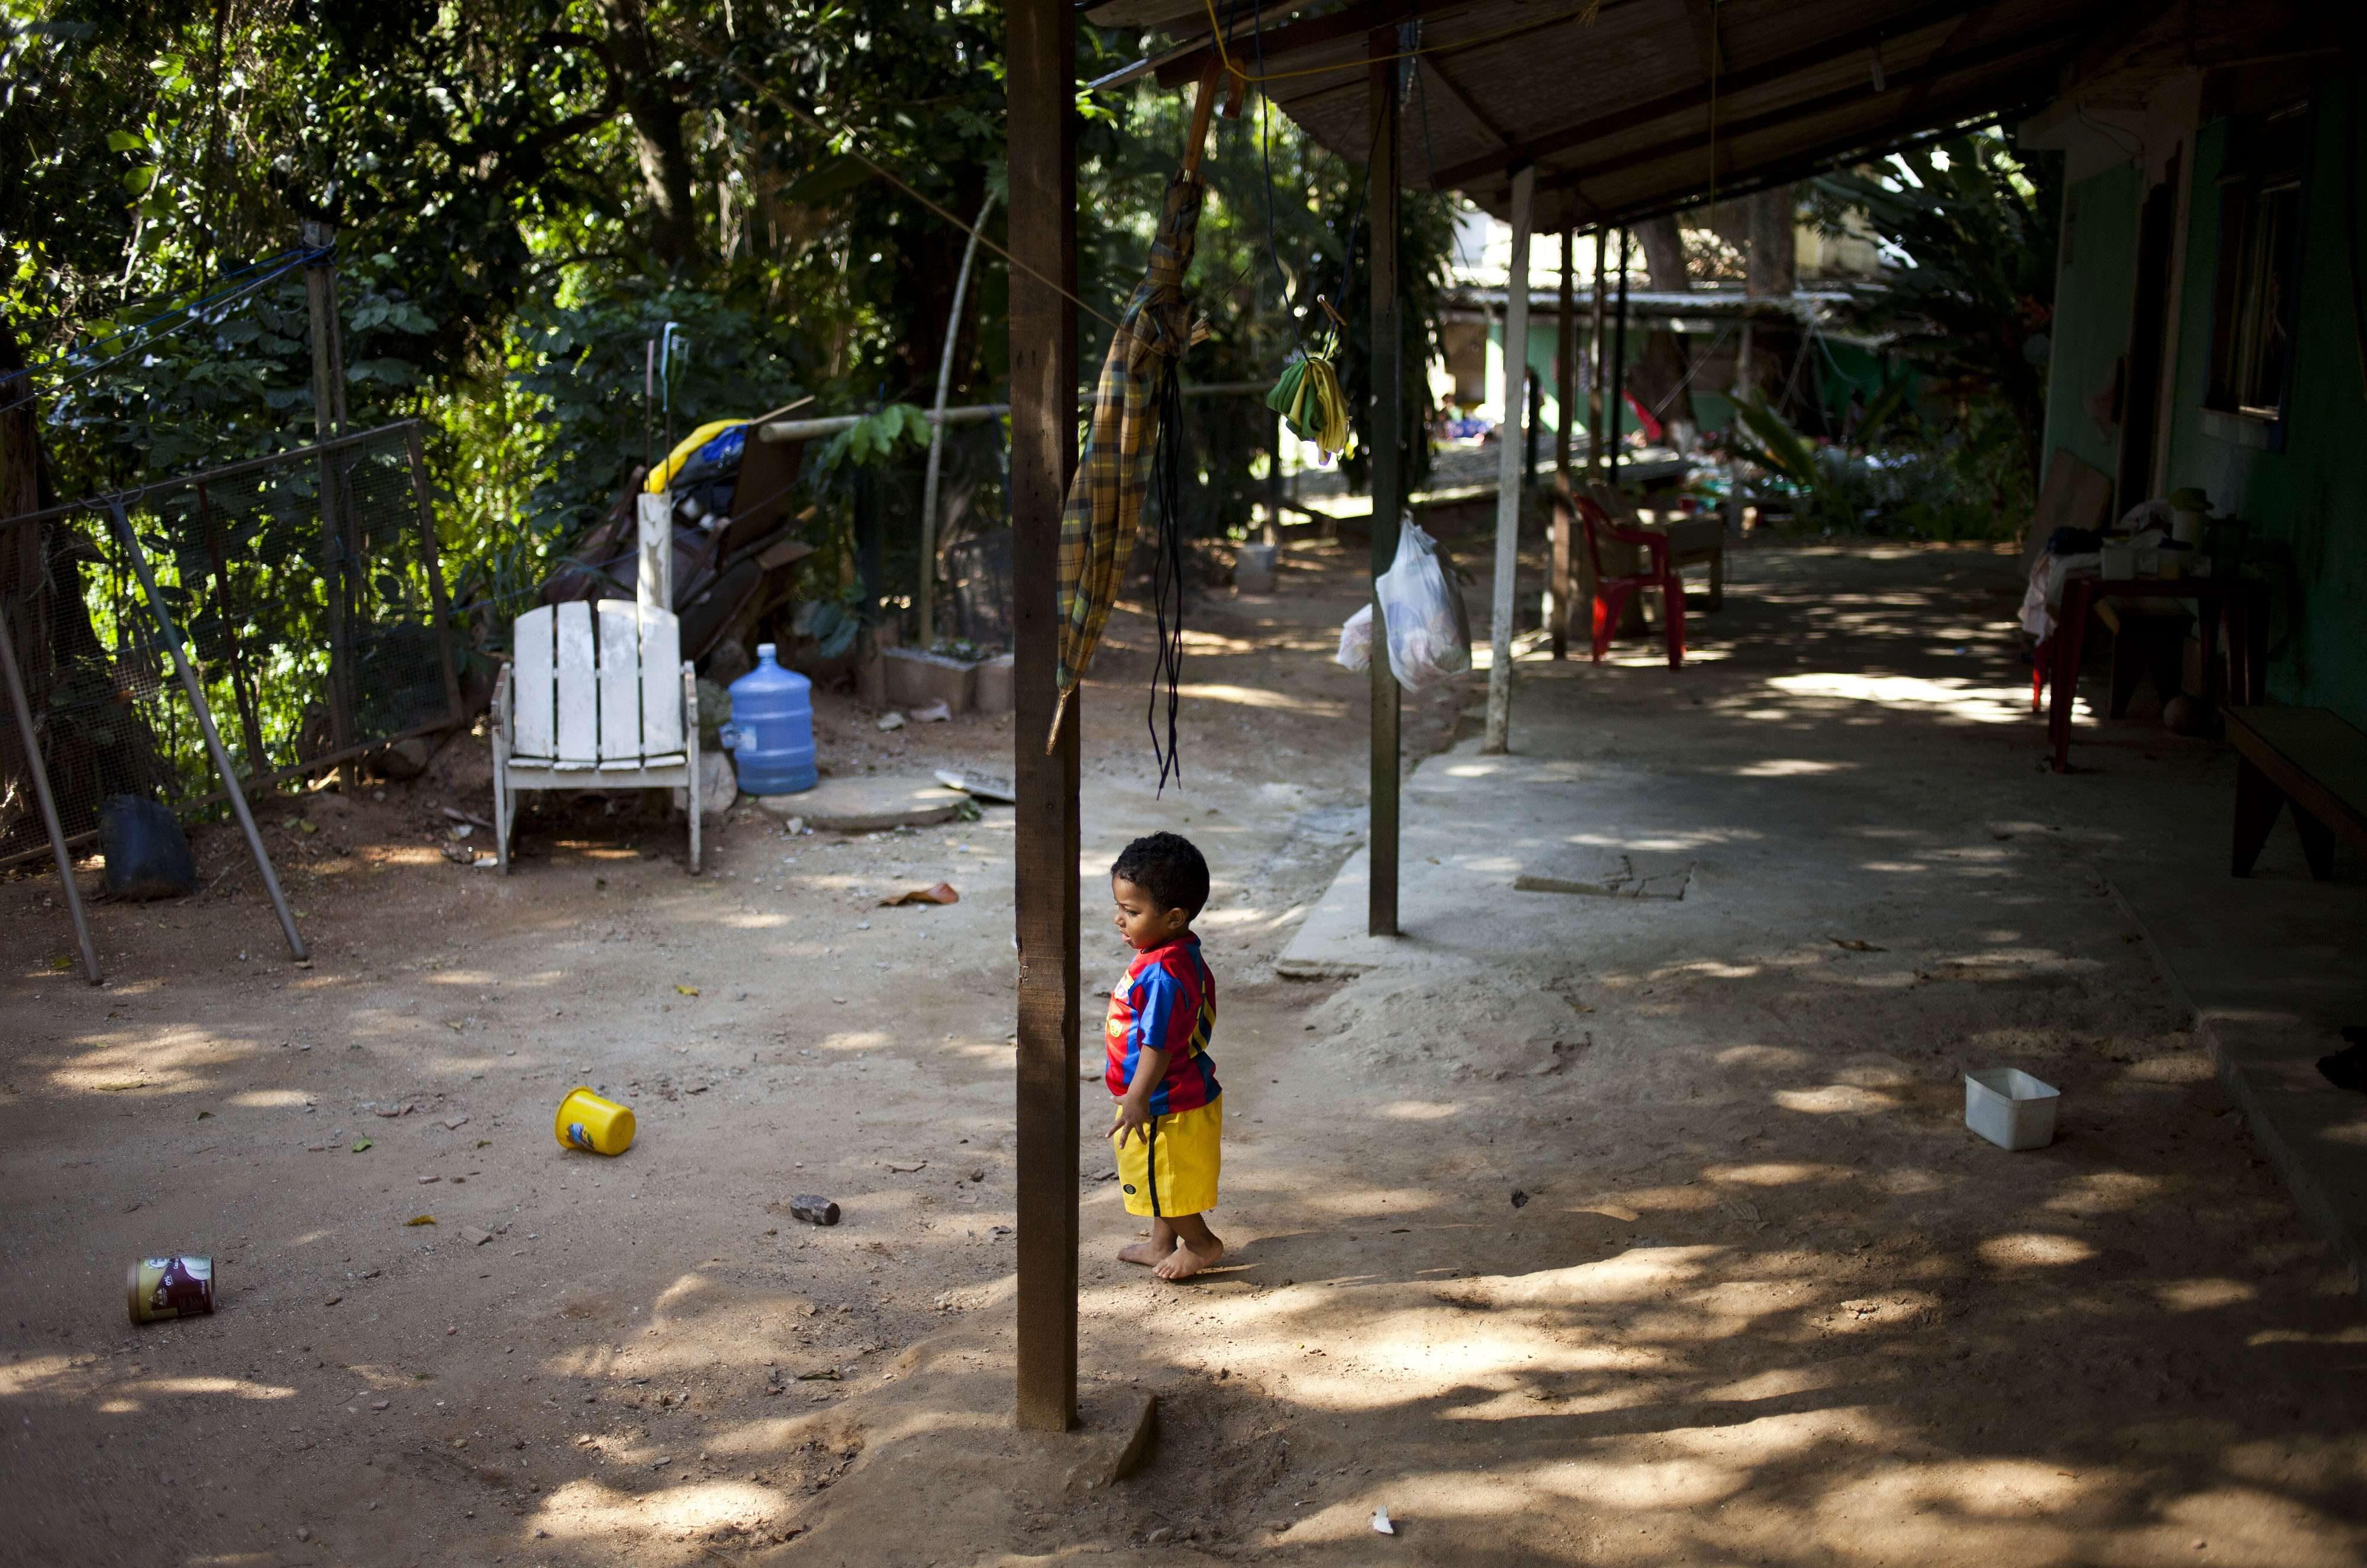 Un enfant d'un an devant son domicile à Quilombo Sacopa, à Rio de Janeiro, au Brésil.